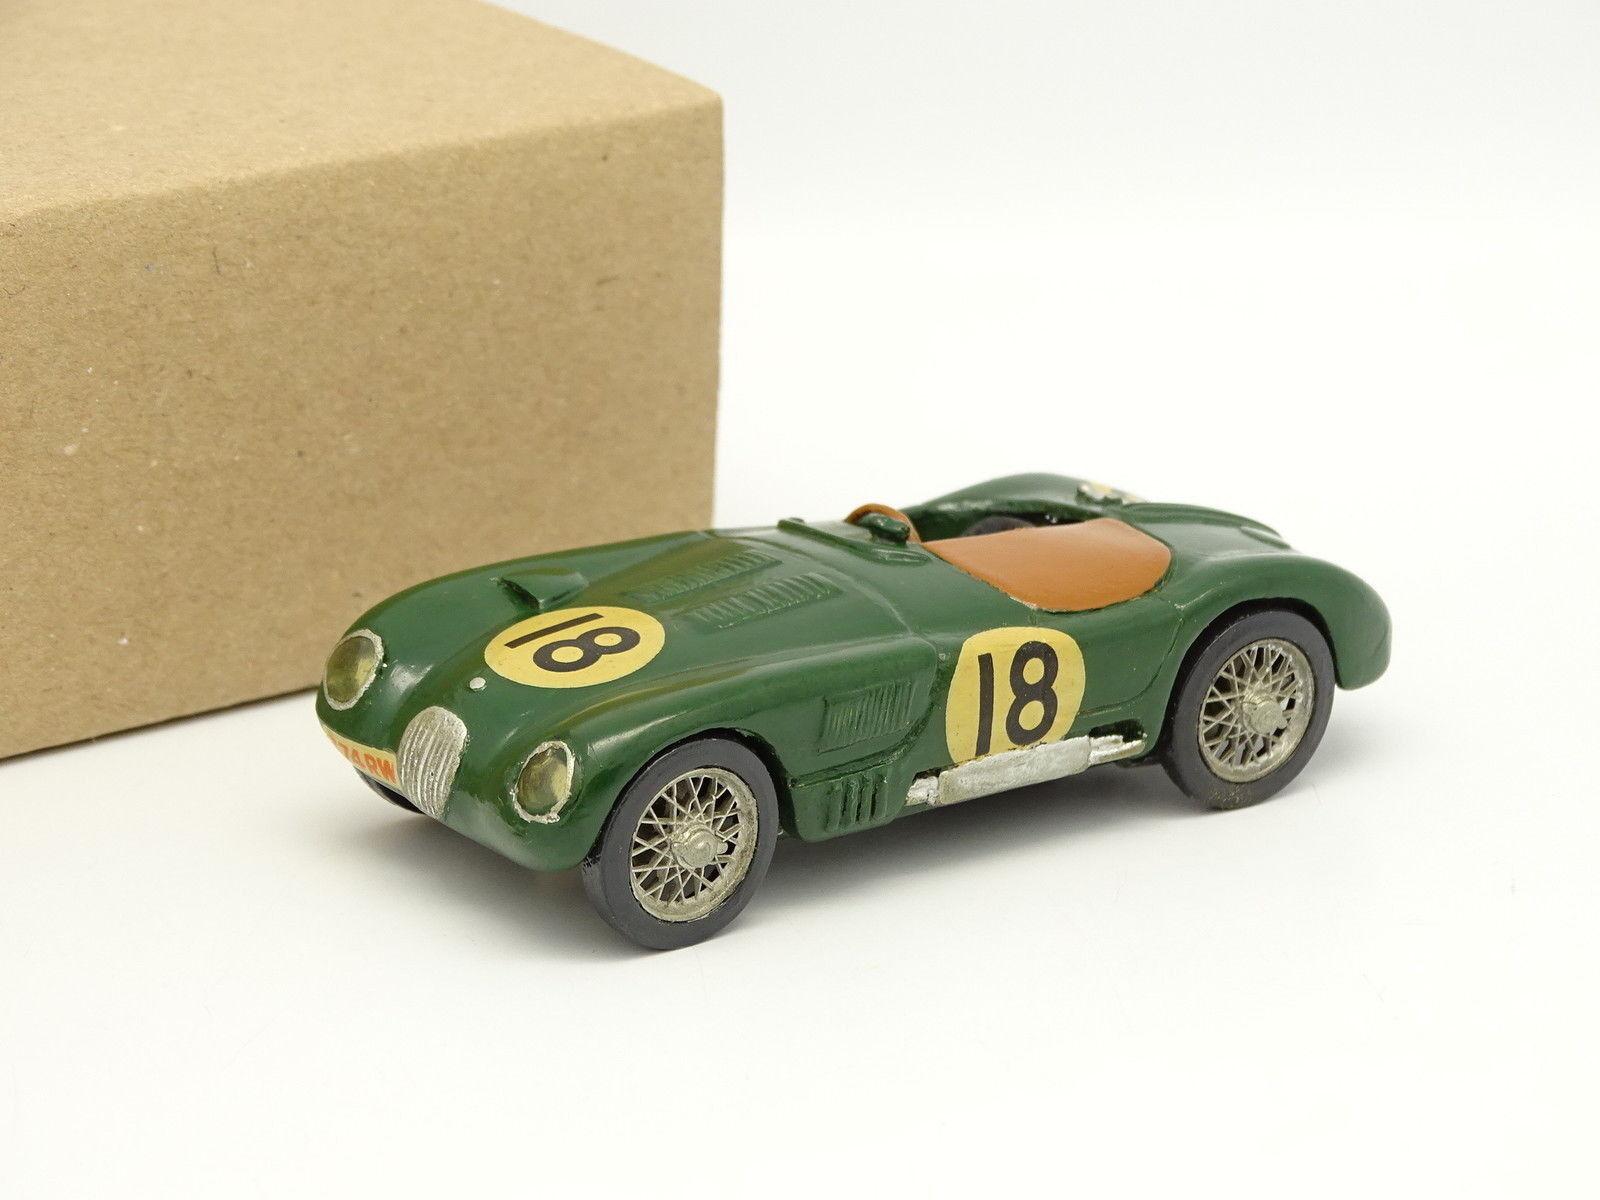 Kit Métal Monté 1 43 - Jaguar C-type  18 Winner le Mans 1953